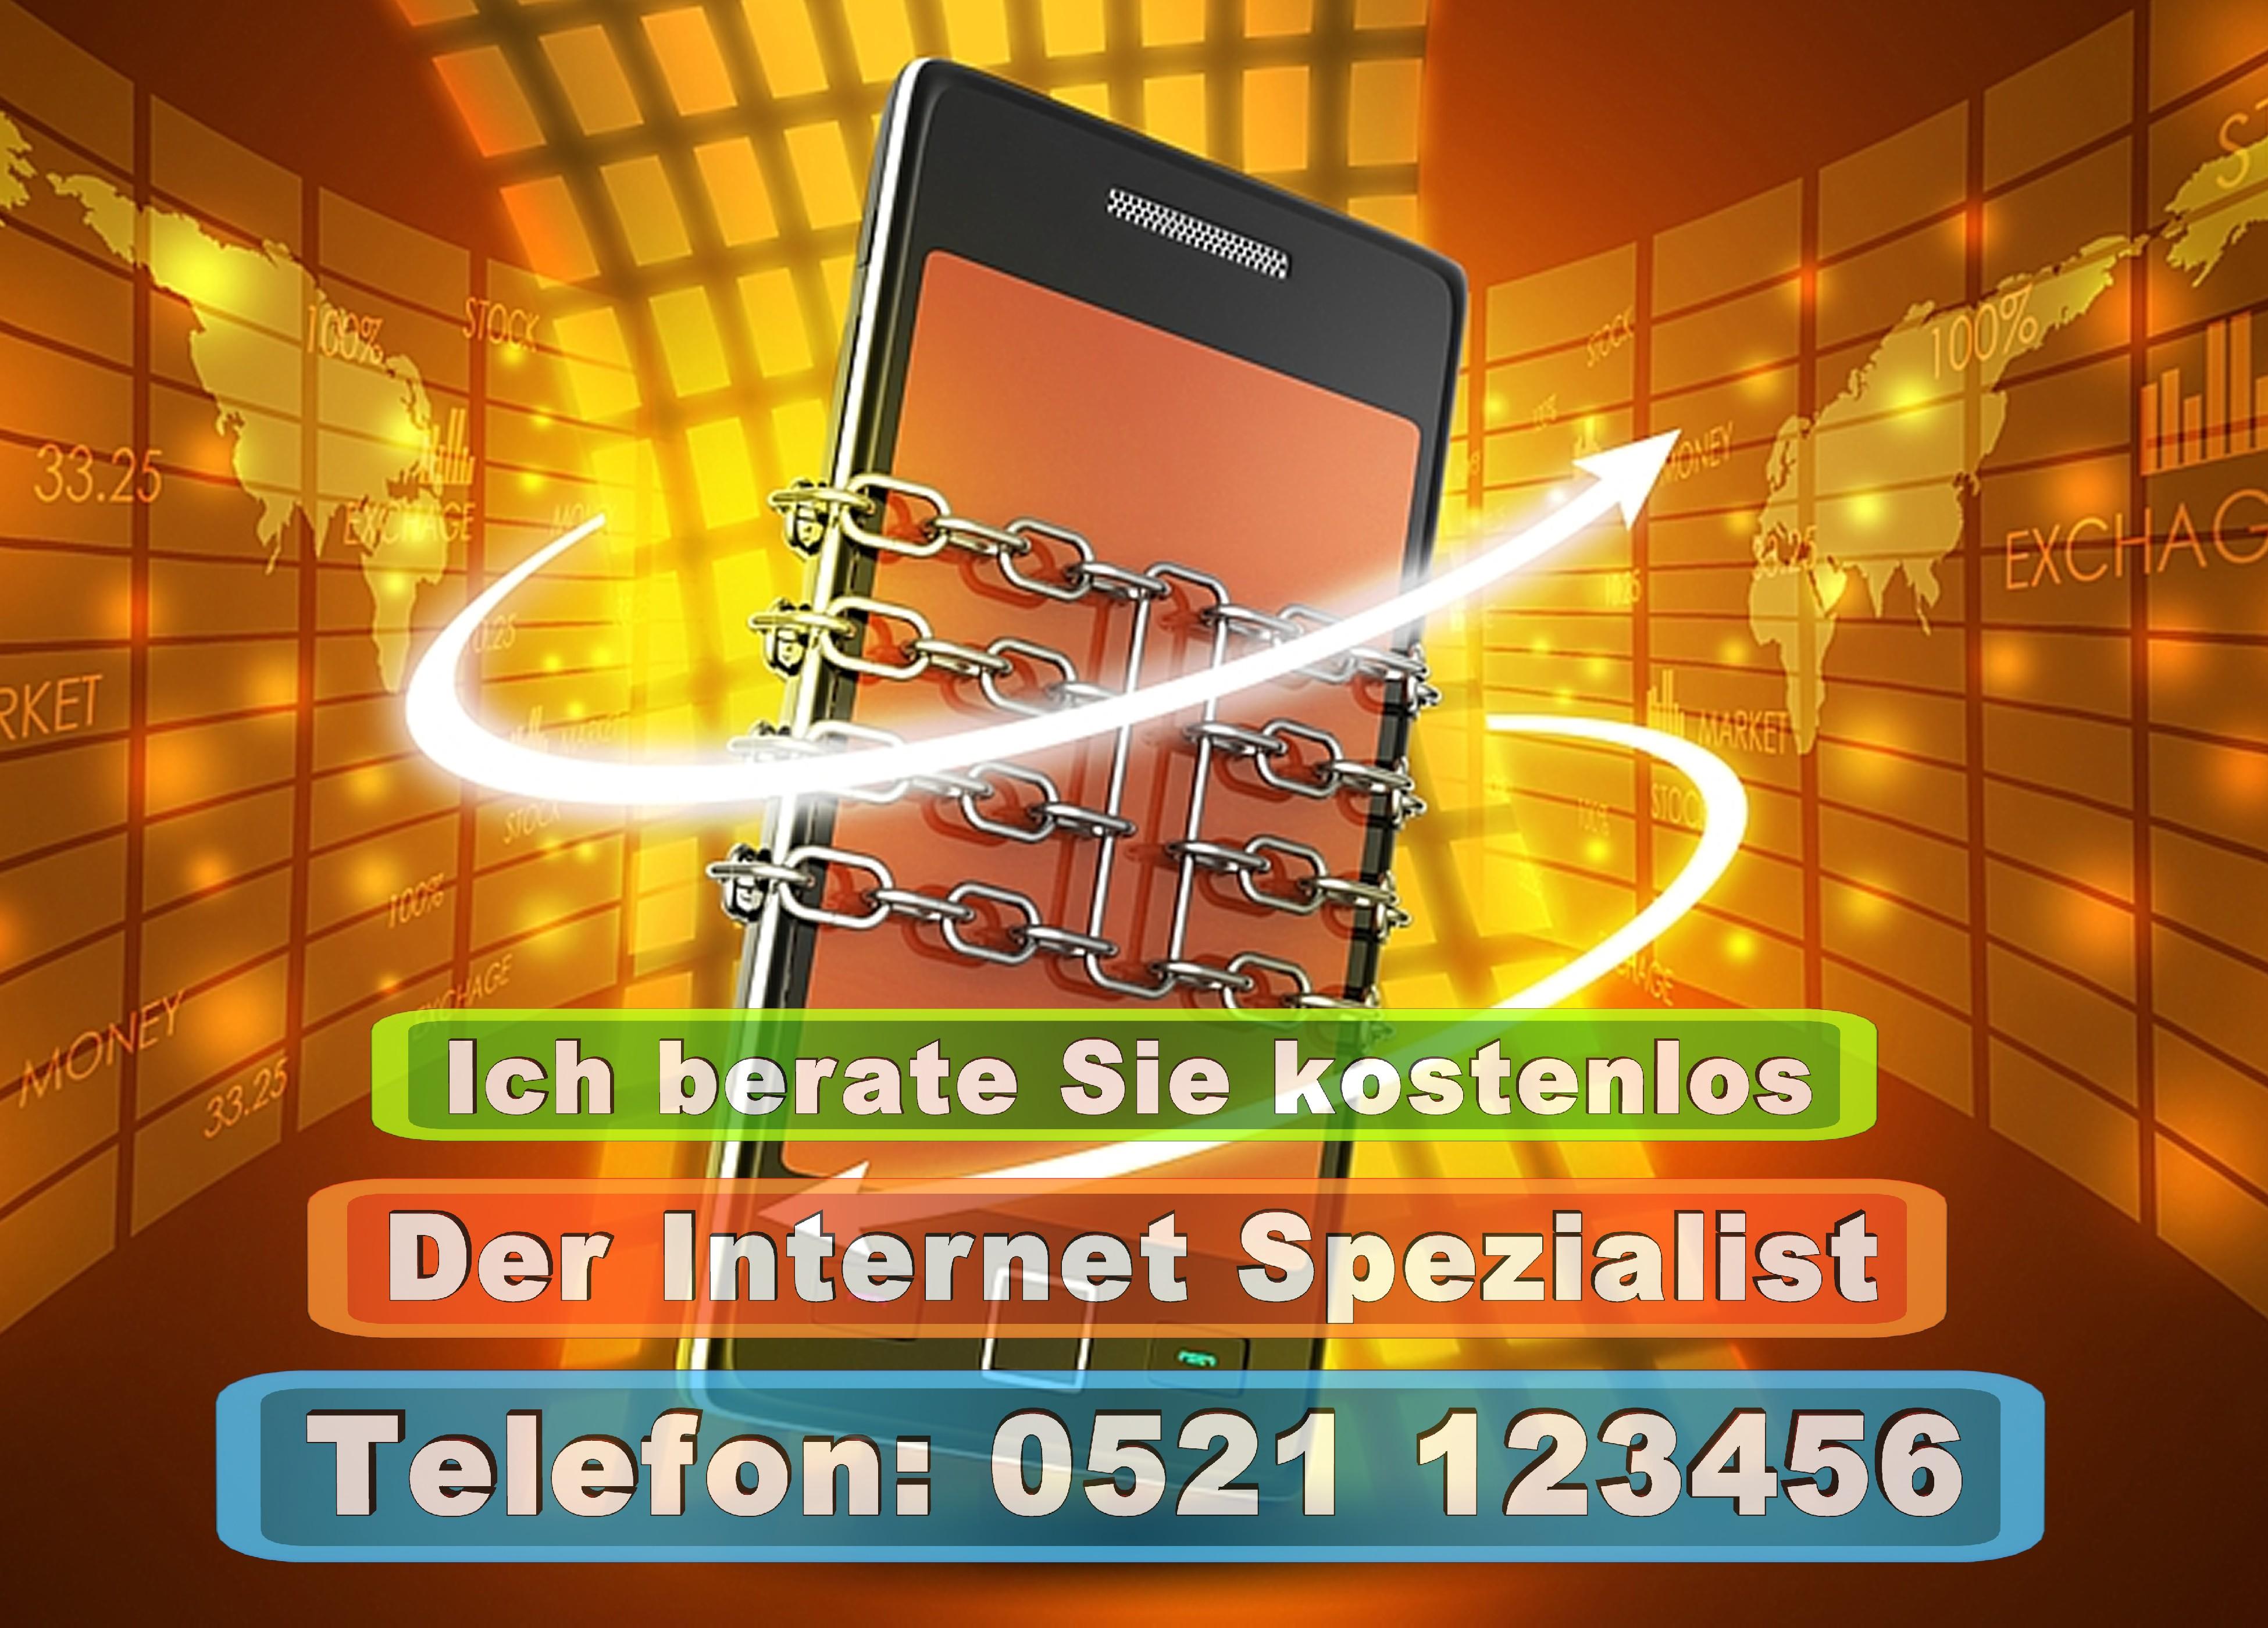 Werbeagentur Bielefeld Druckerei Bielefeld Prospekte Zeitung Visitenkarten Poster Werbung Print Presse Druck Fotografie Fotos Internet (15)